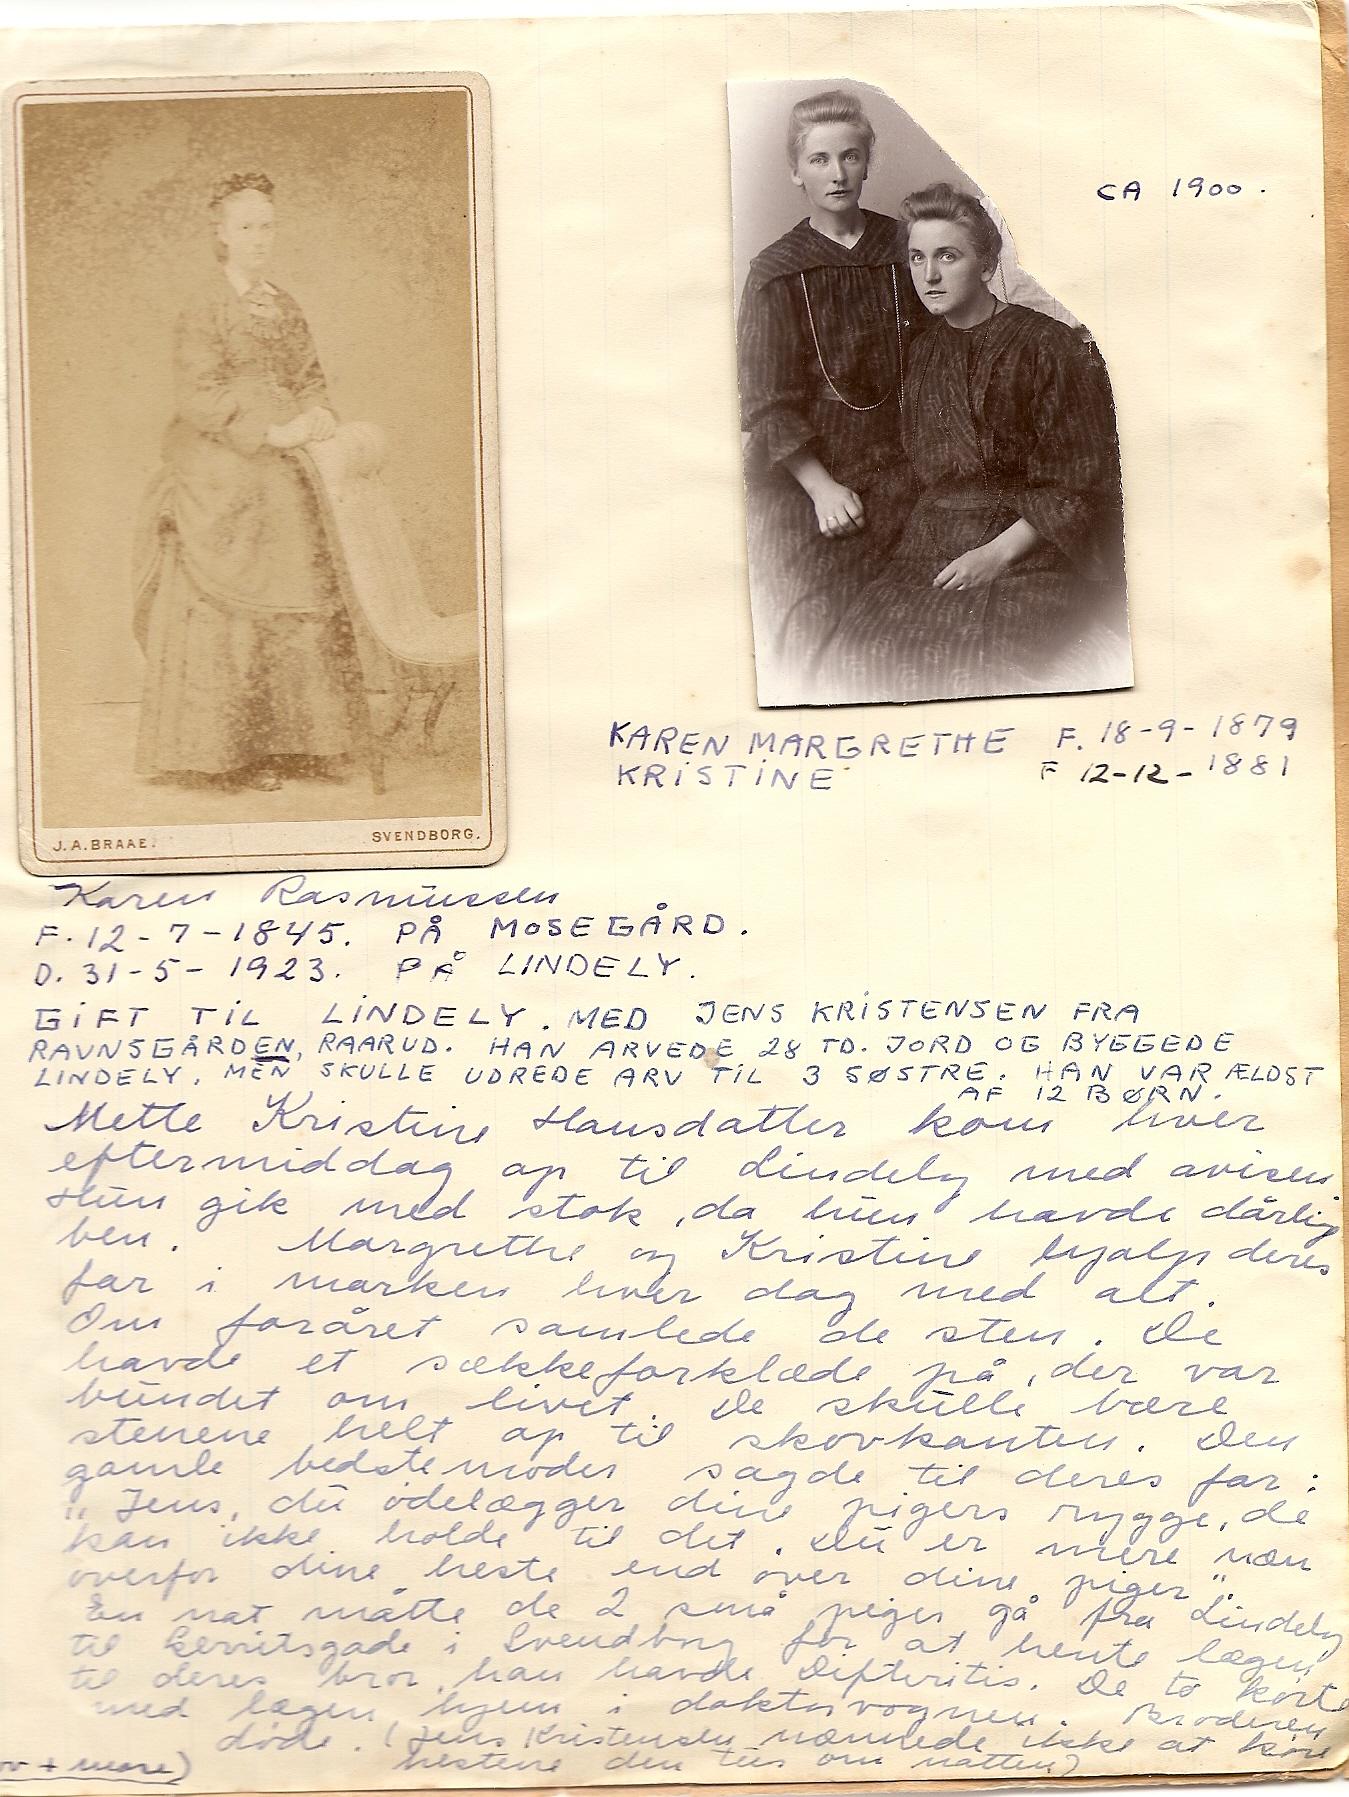 Karen Rasmussen (1845-1923)